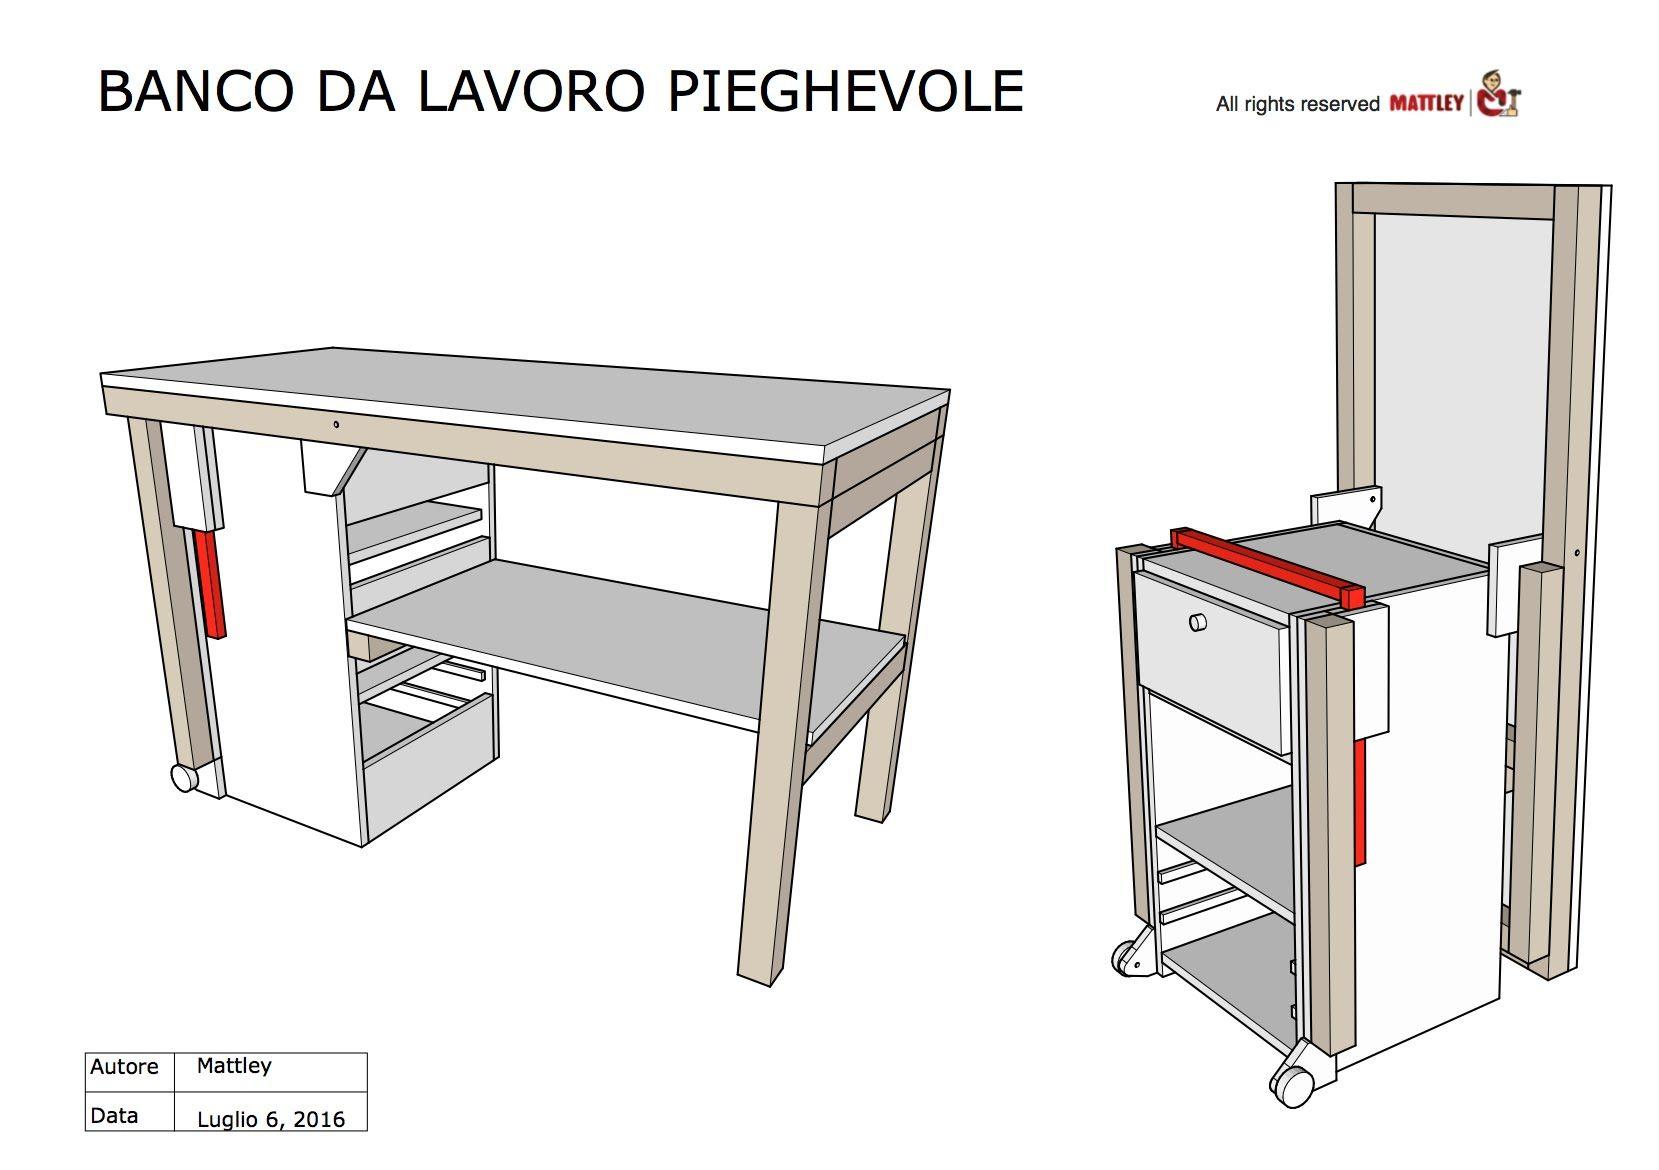 Fai da te progetto in pdf del banco da lavoro pieghevole for Progetti fai da te legno pdf